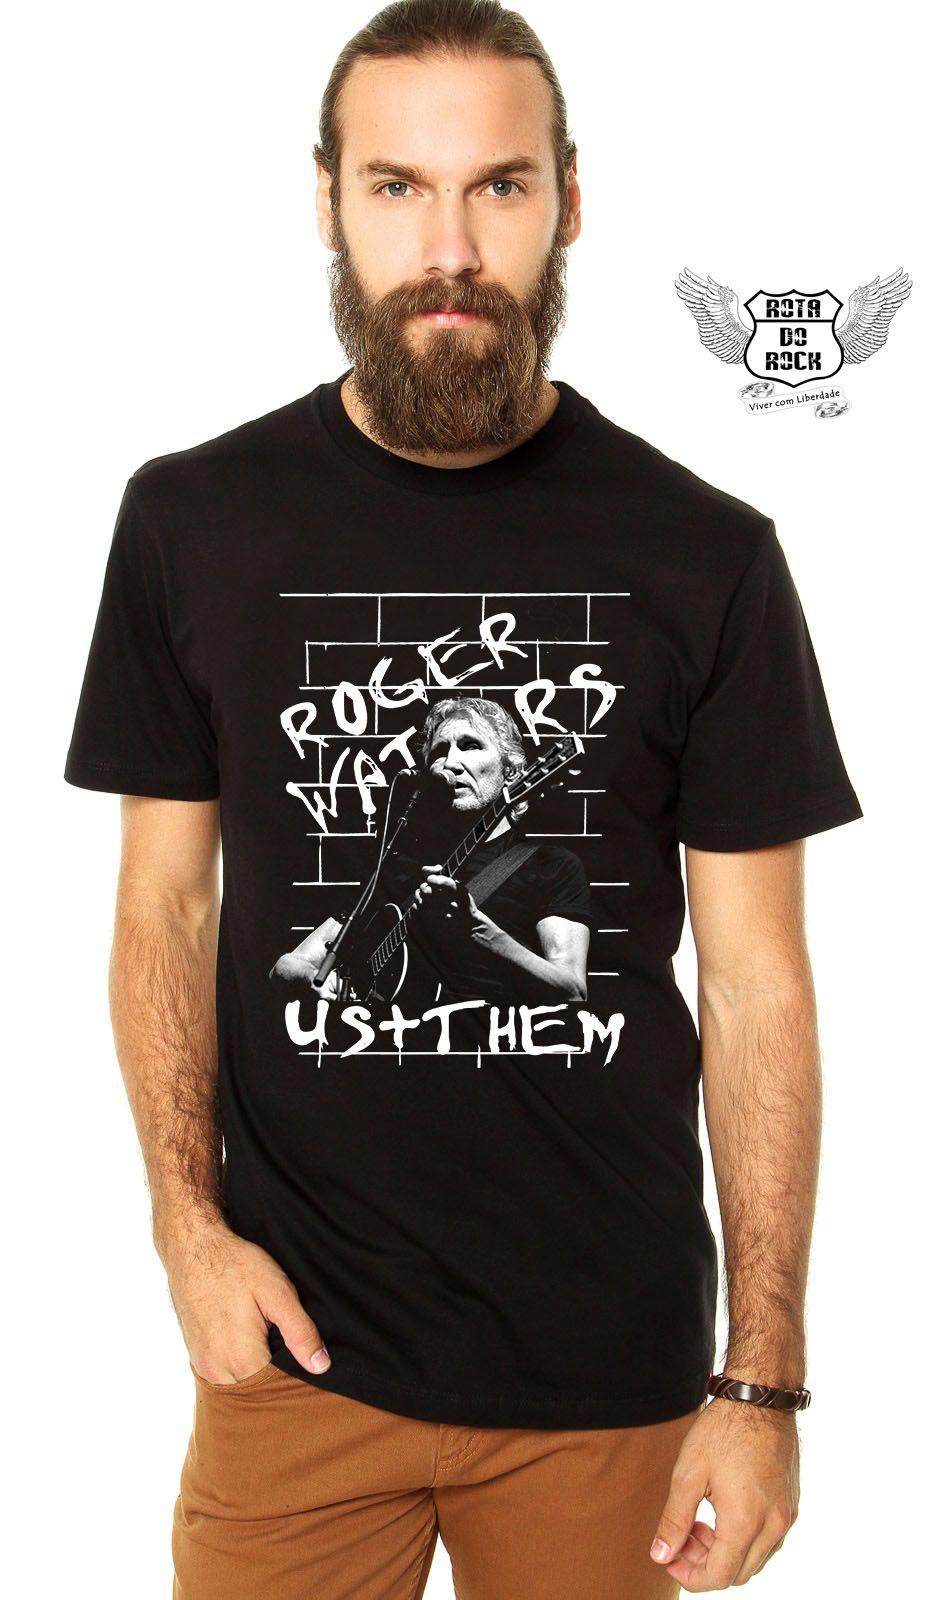 1b34e534e Roger Waters Us+Them é na www.rotadorock.com.br camiseta em algodão ...